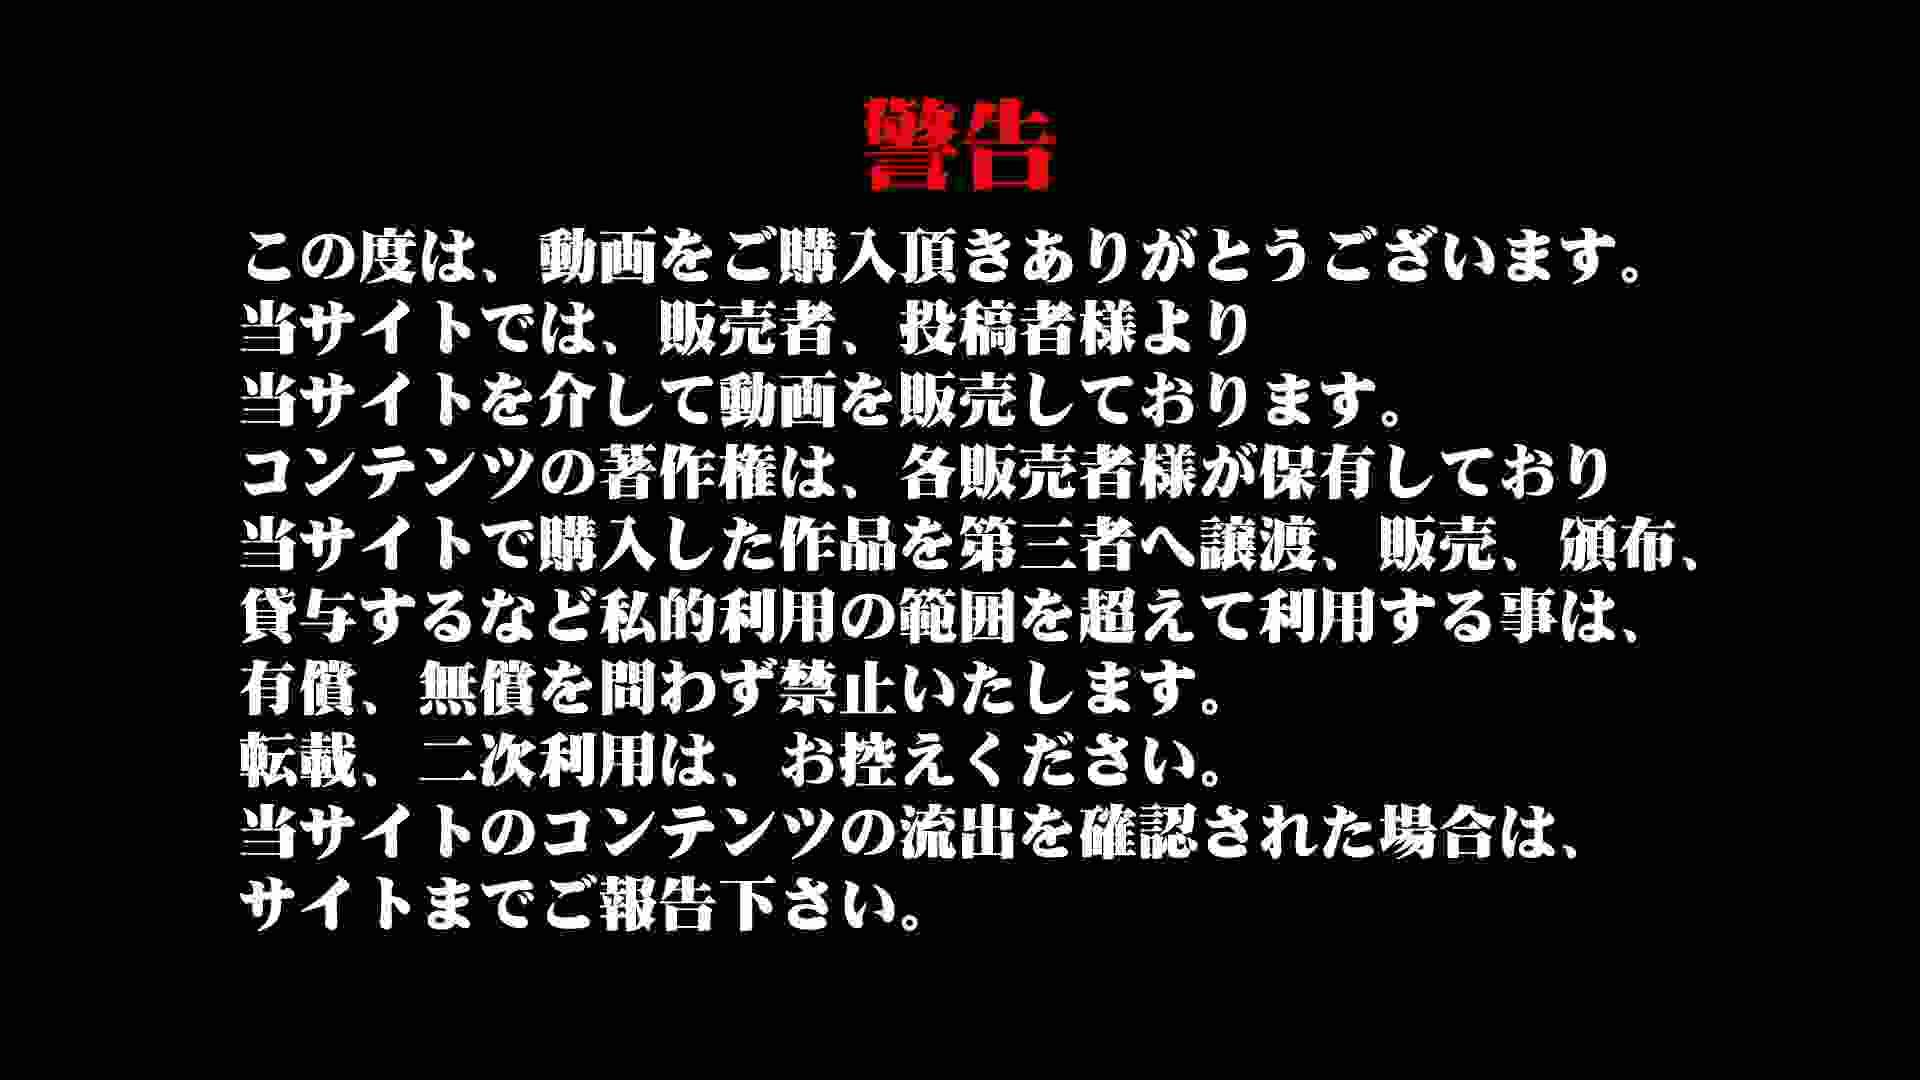 レースクィーントイレ盗撮!Vol.24 盗撮動画 | 肛門特集  10枚 1